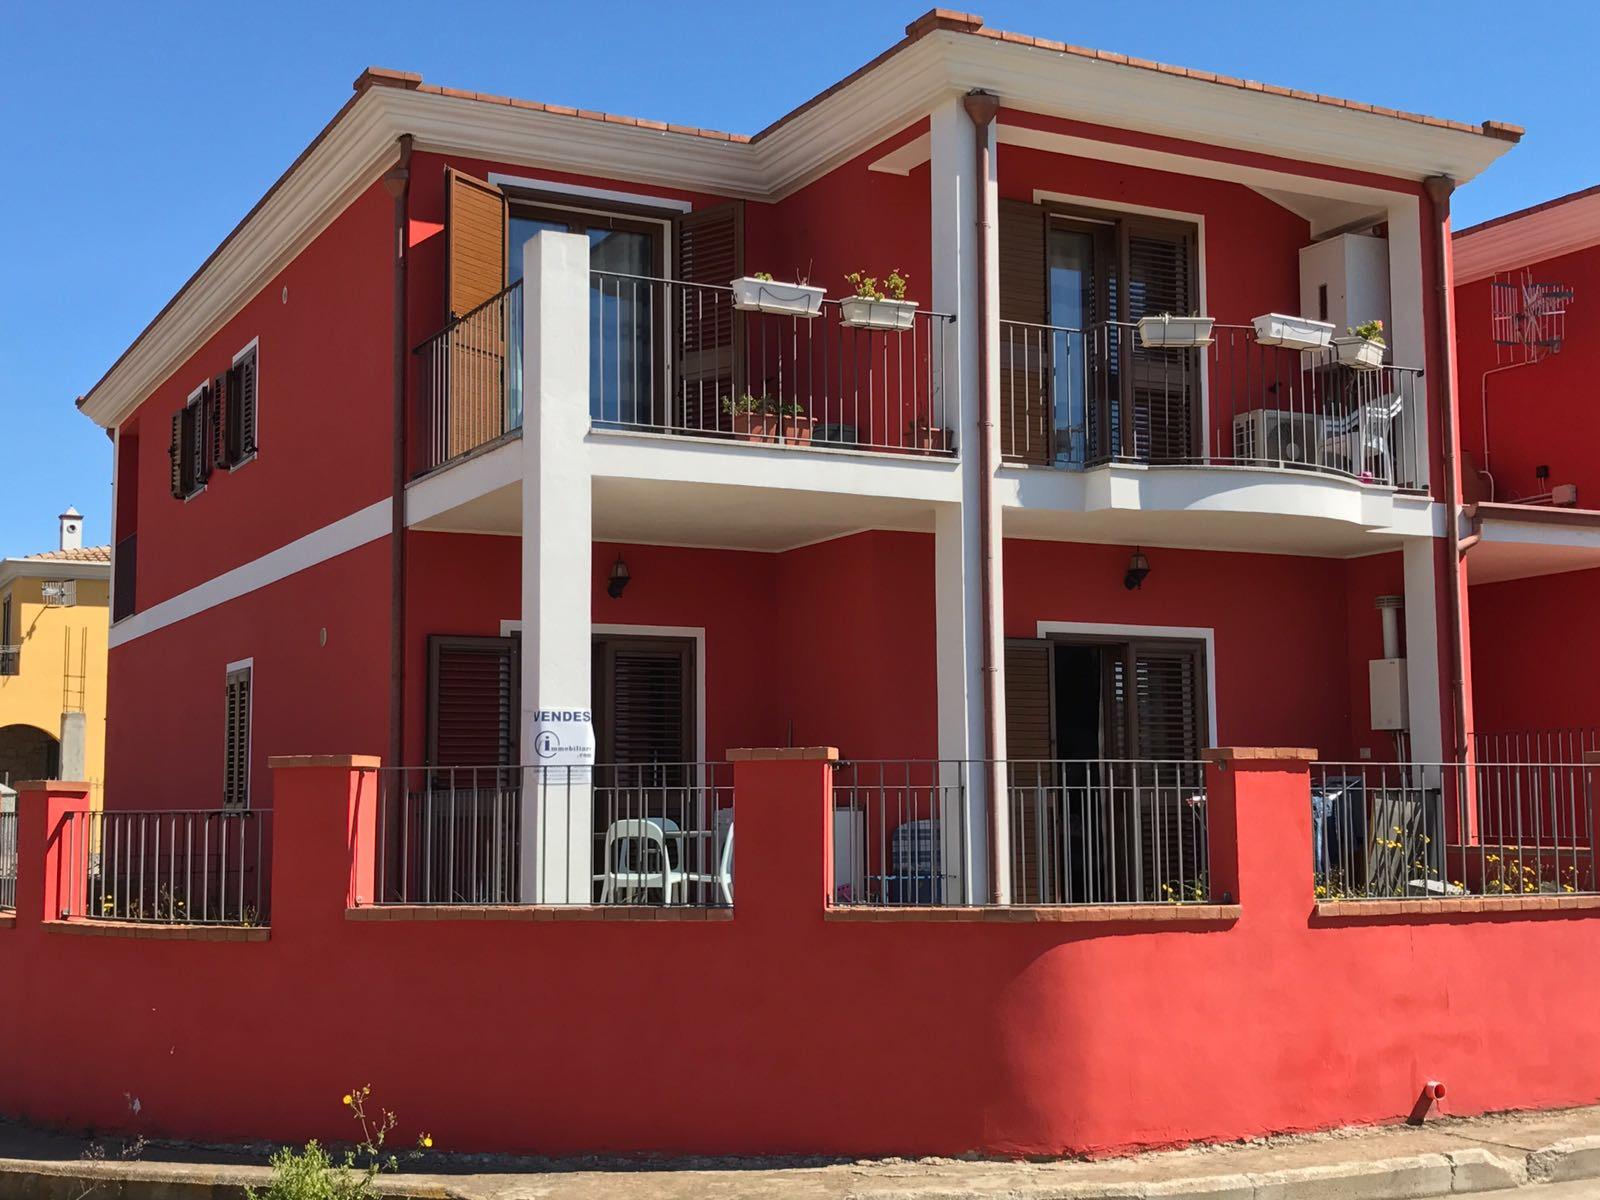 Appartamento in vendita a Bari Sardo, 3 locali, prezzo € 85.000 | Cambio Casa.it